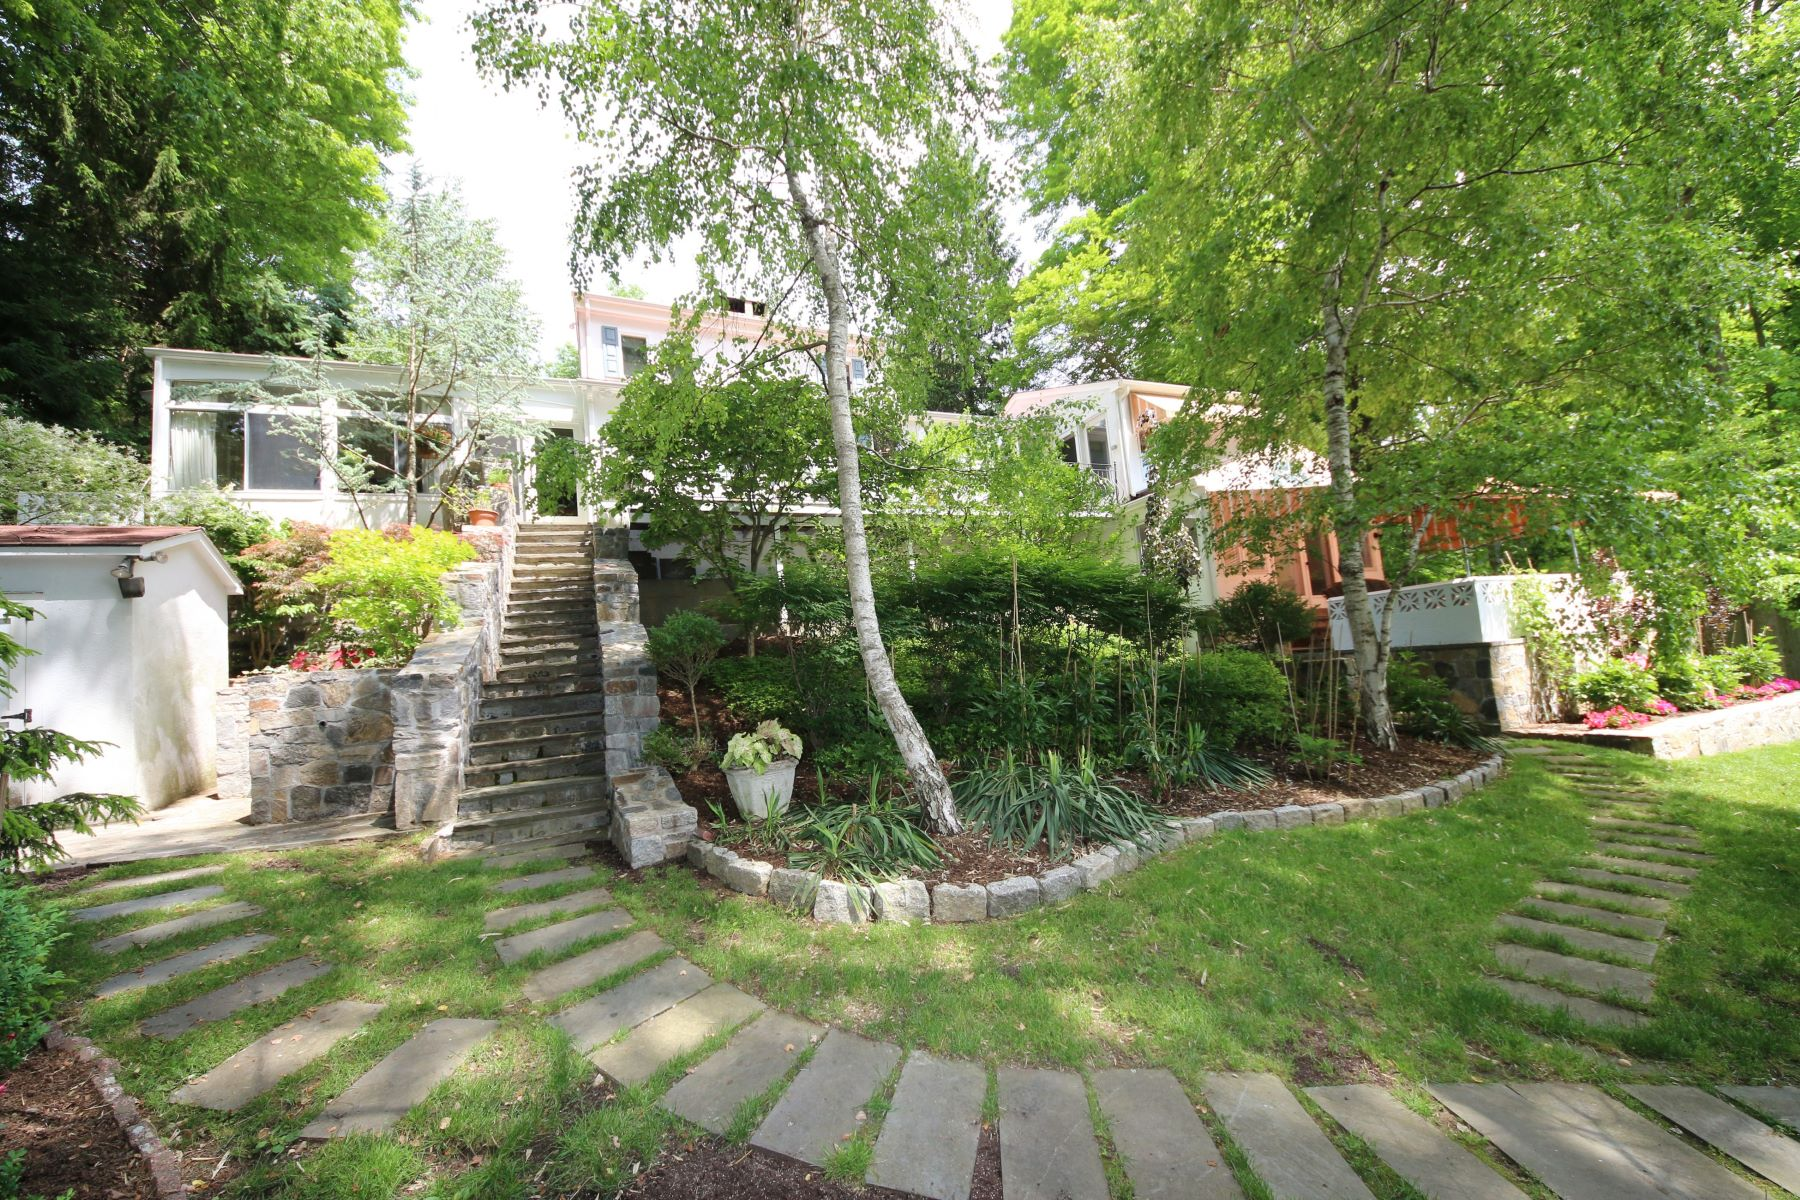 단독 가정 주택 용 매매 에 One of a Kind Mediterranean Villa 22 Rita Road, Ridgefield, 코네티컷, 06877 미국